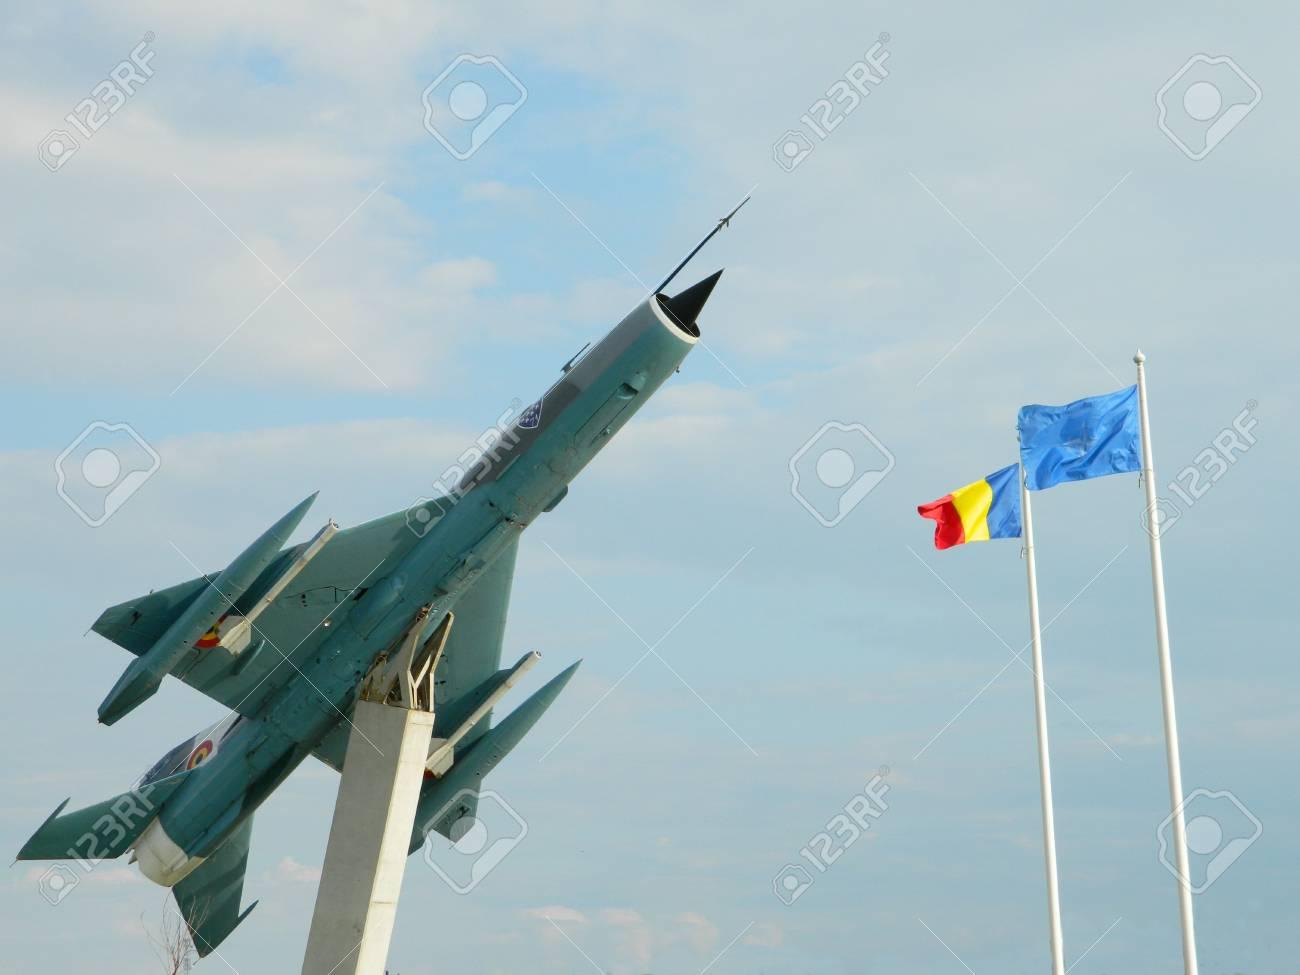 Aereo Da Caccia Oggi : La gazzetta dello sport presenta modellini di aerei da guerra